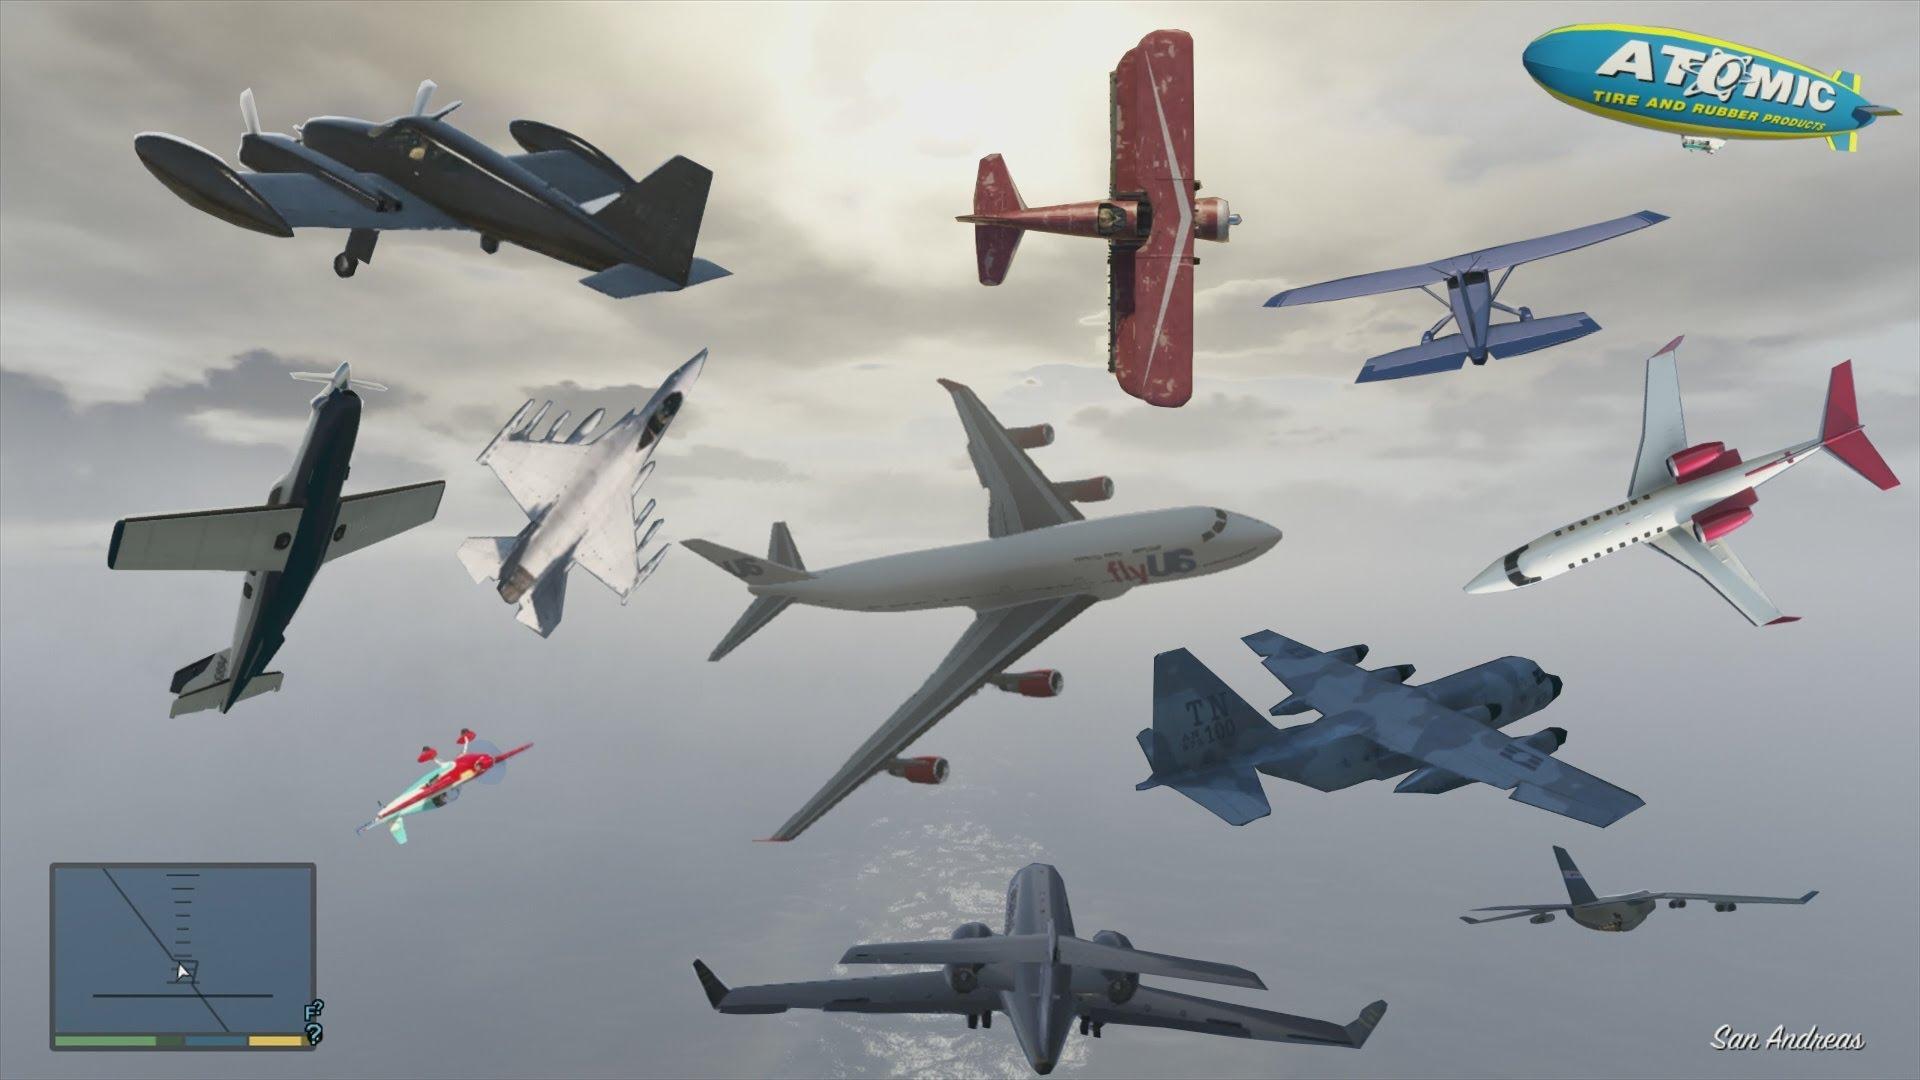 gta5-mod-angry-planes